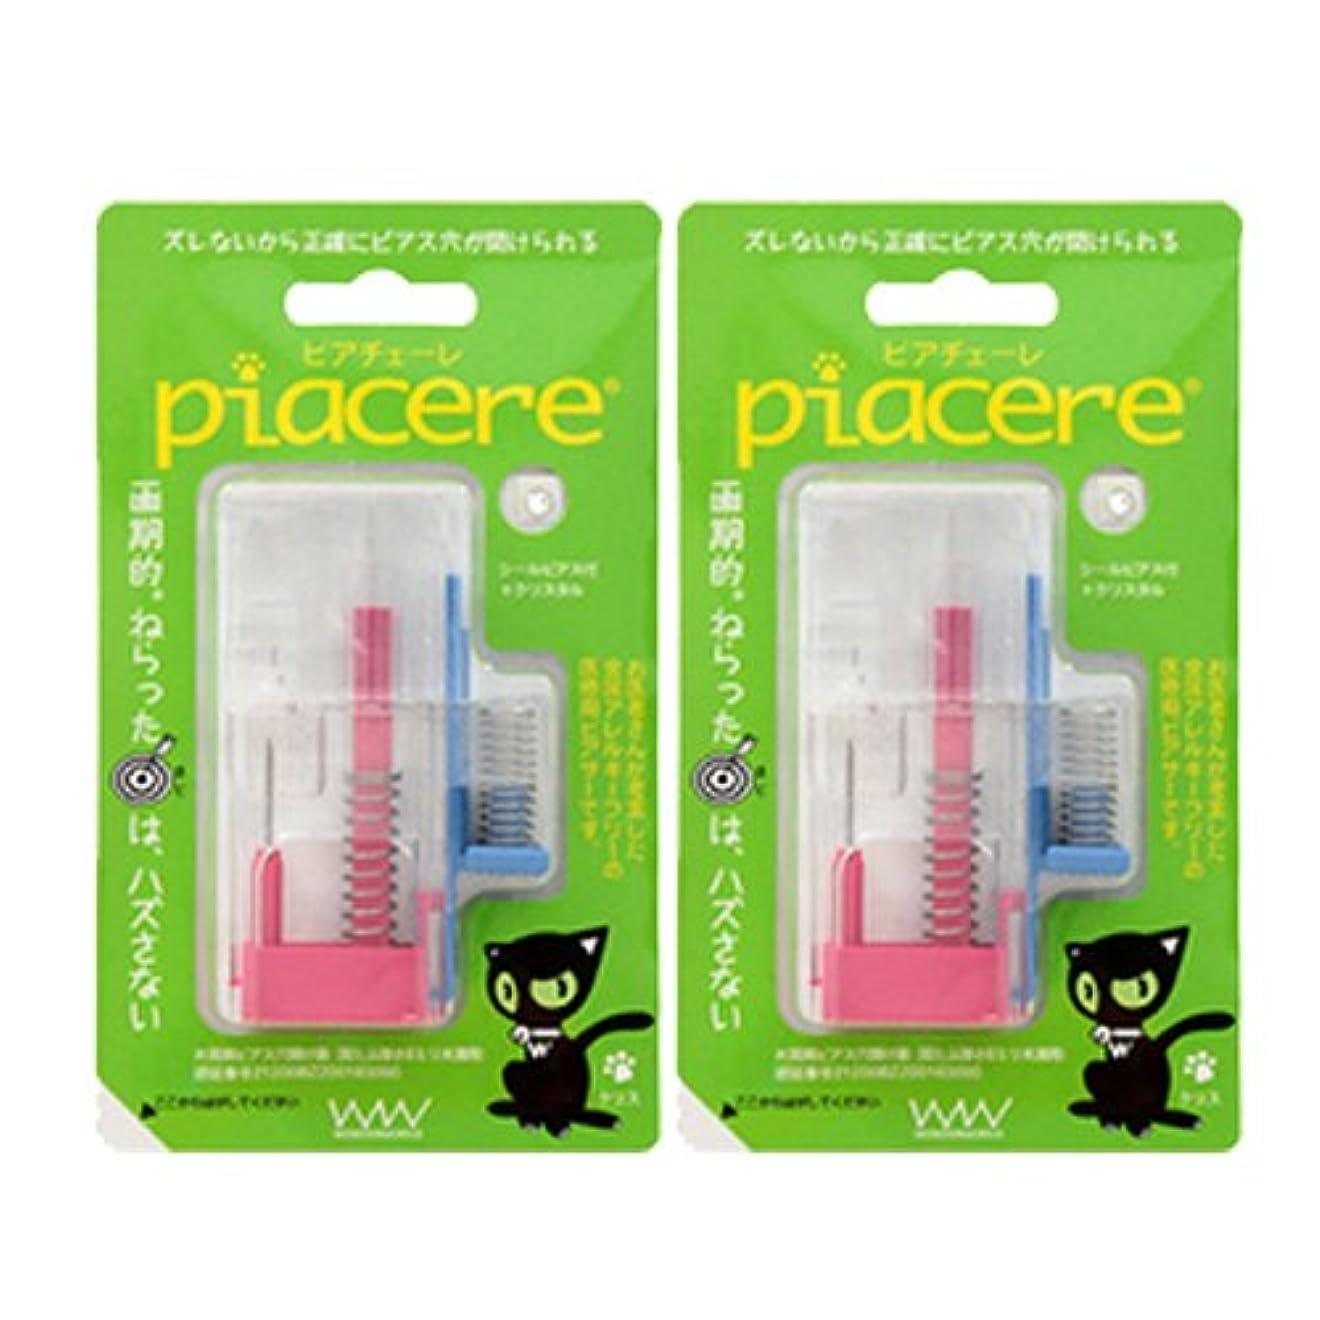 イノセンス例外前方へピアッサー ピアチェーレ 医療用樹脂製ピアサー piacere 2個セット (クリスタルxクリスタル) | 両耳用